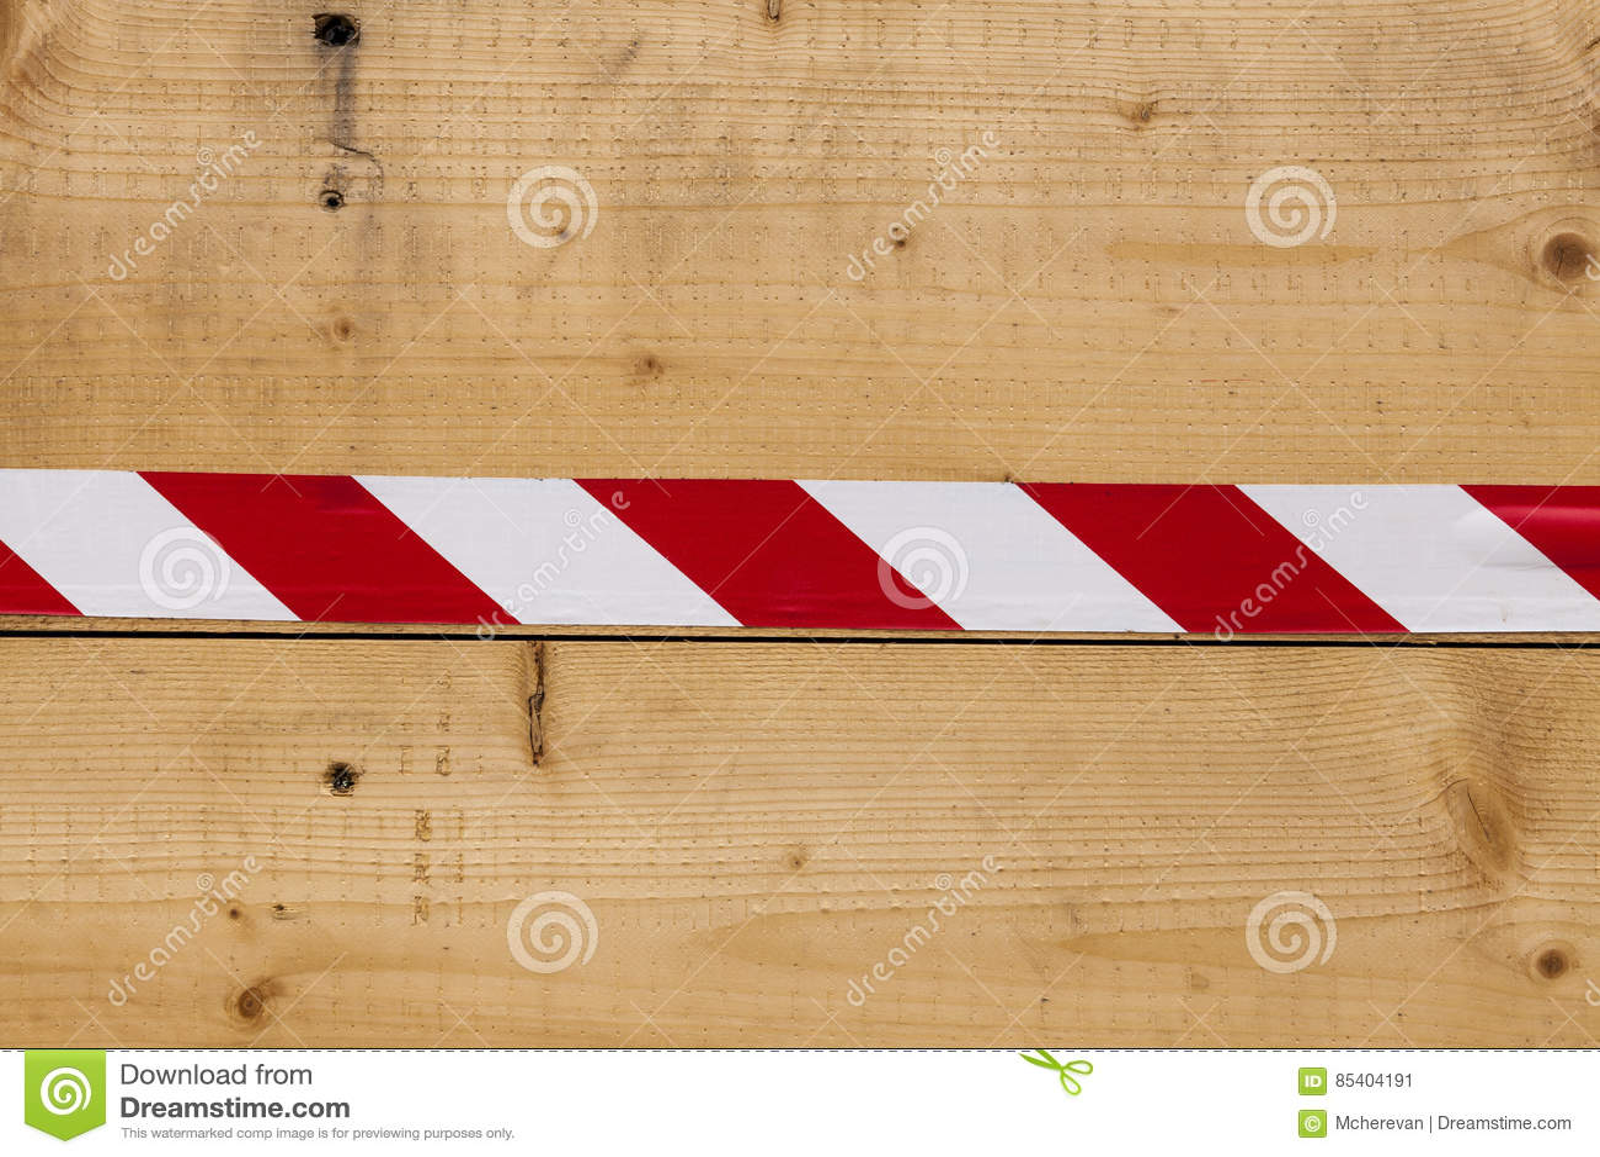 Mooie Houten Plank Voor Aan De Muur.Houten Muur Van Planken Van As Met Een Helder Lint Rood Wit Mooie